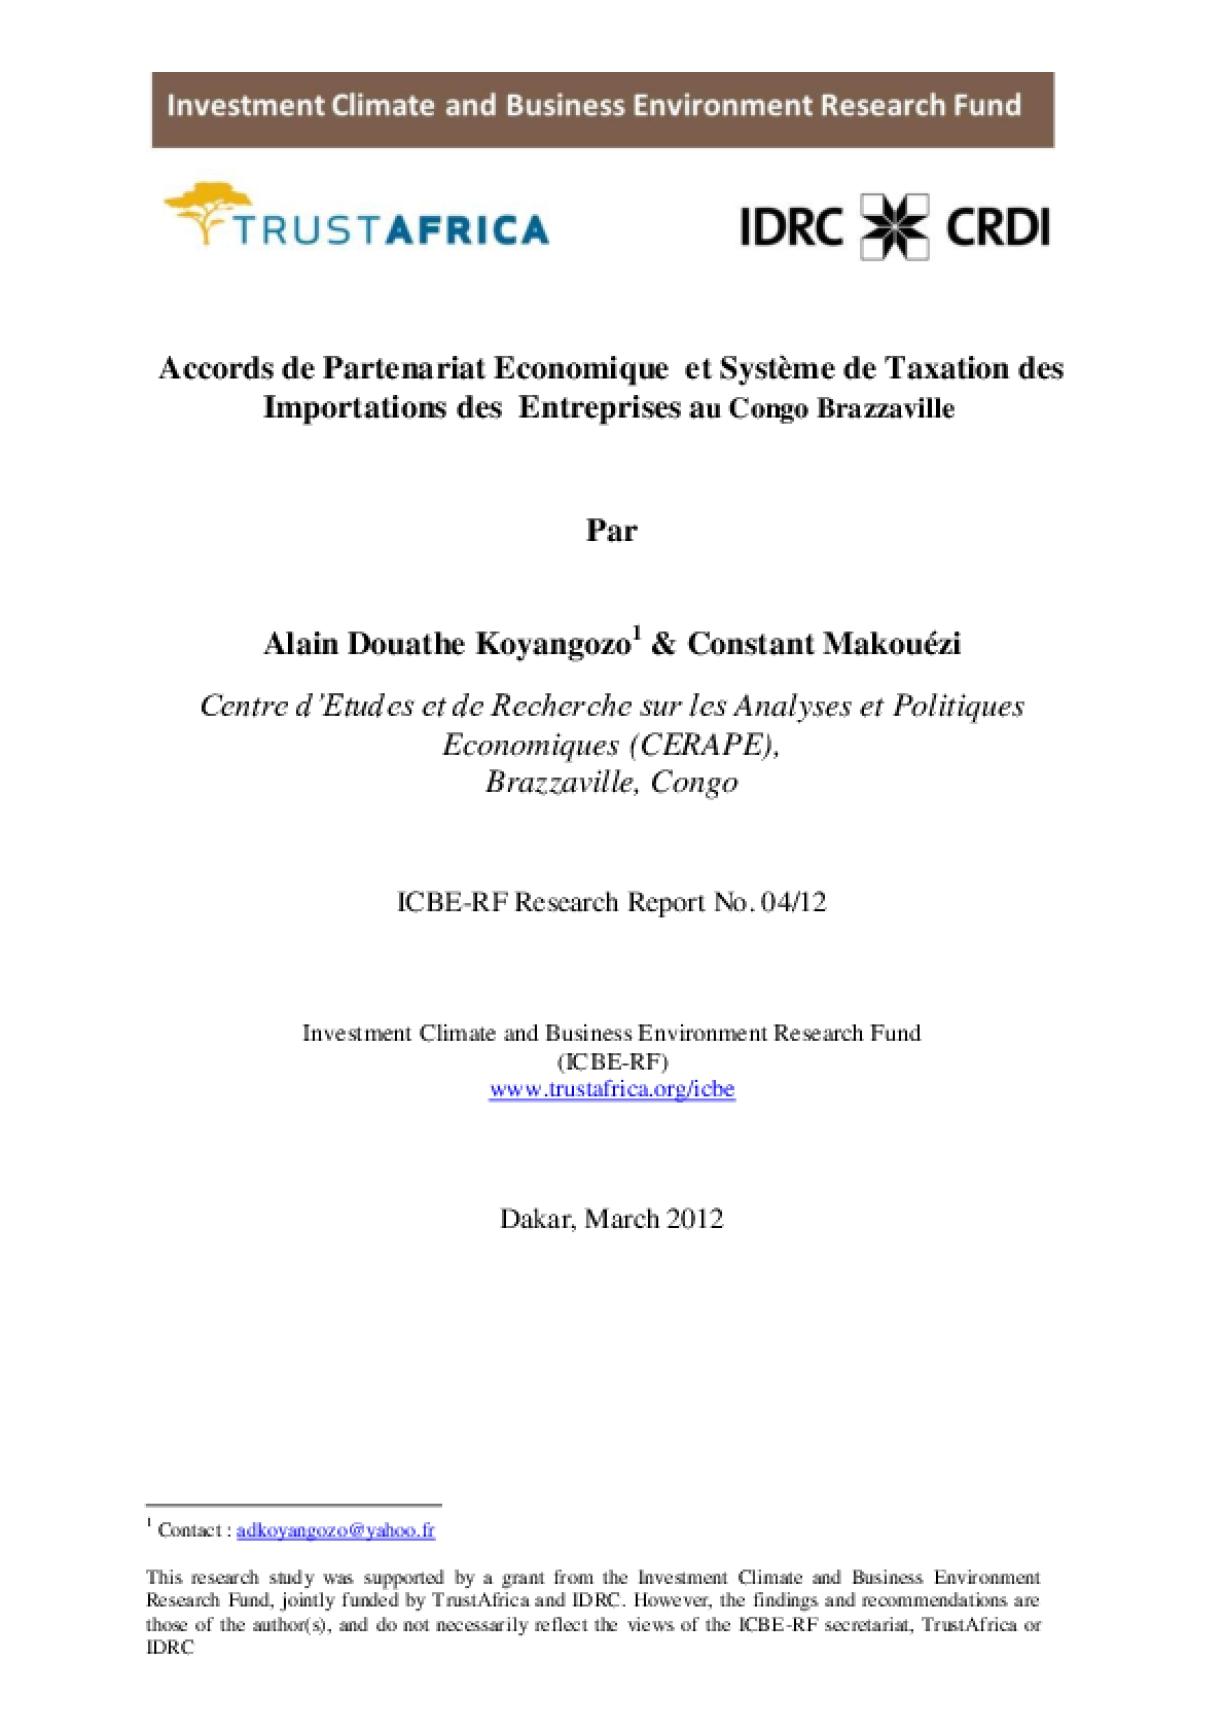 Accords de Partenariat Economique et Système de Taxation des Importations des Entreprises au Congo Brazzaville